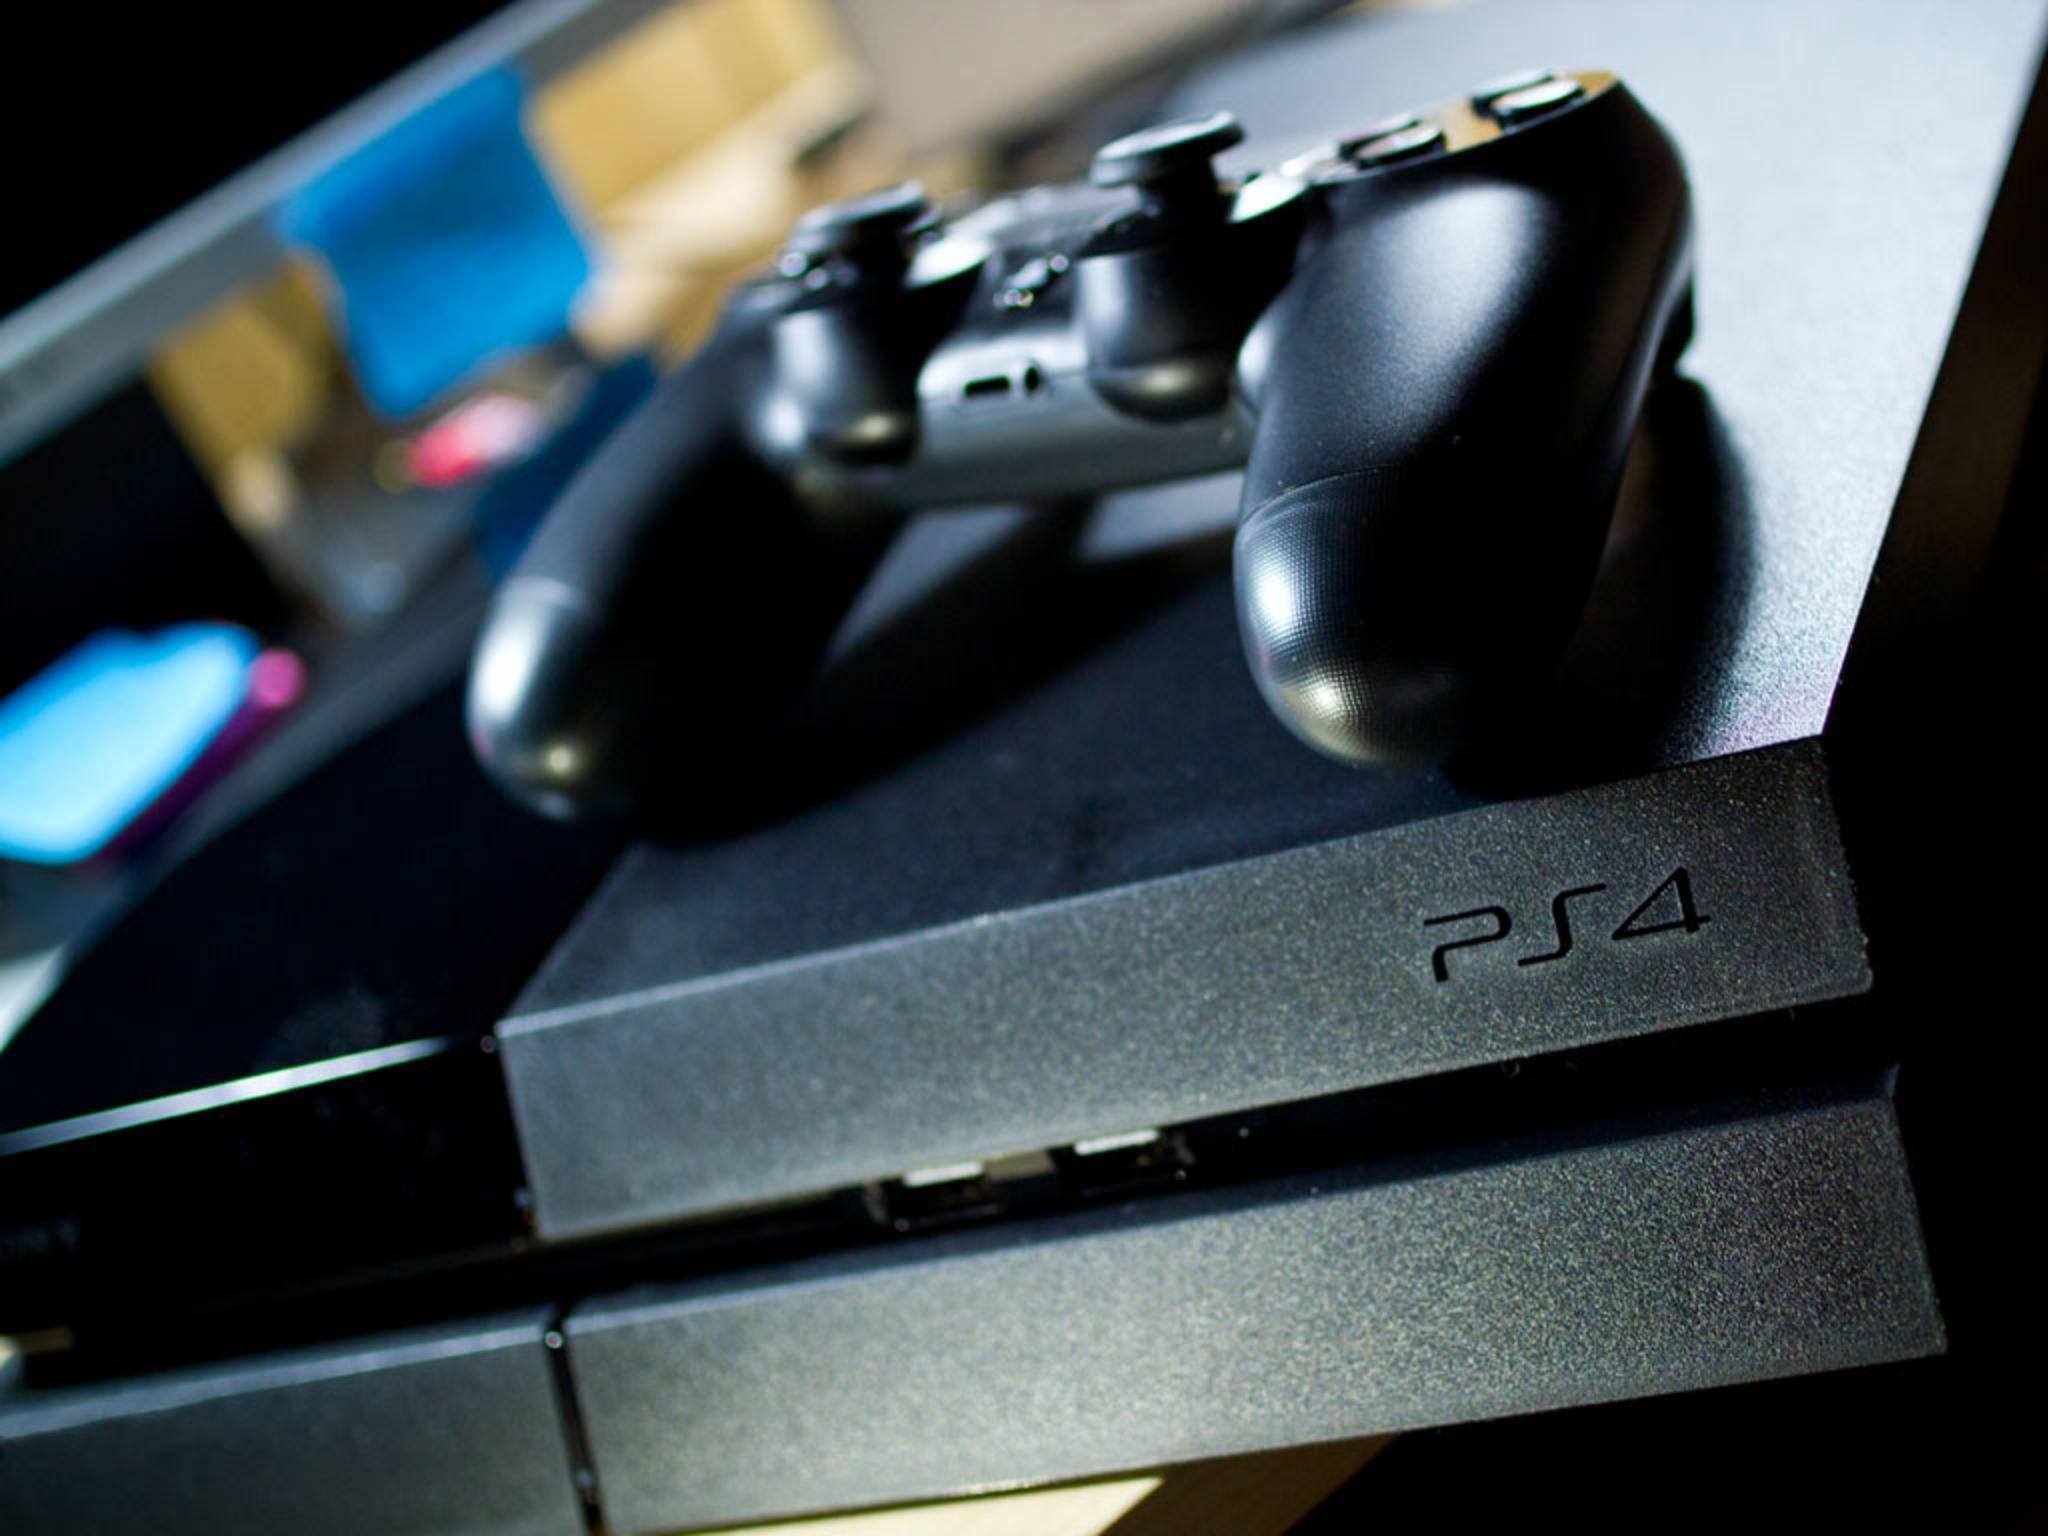 Die PlayStation 4 bekommt endlich eine offizielle Fernbedienung.